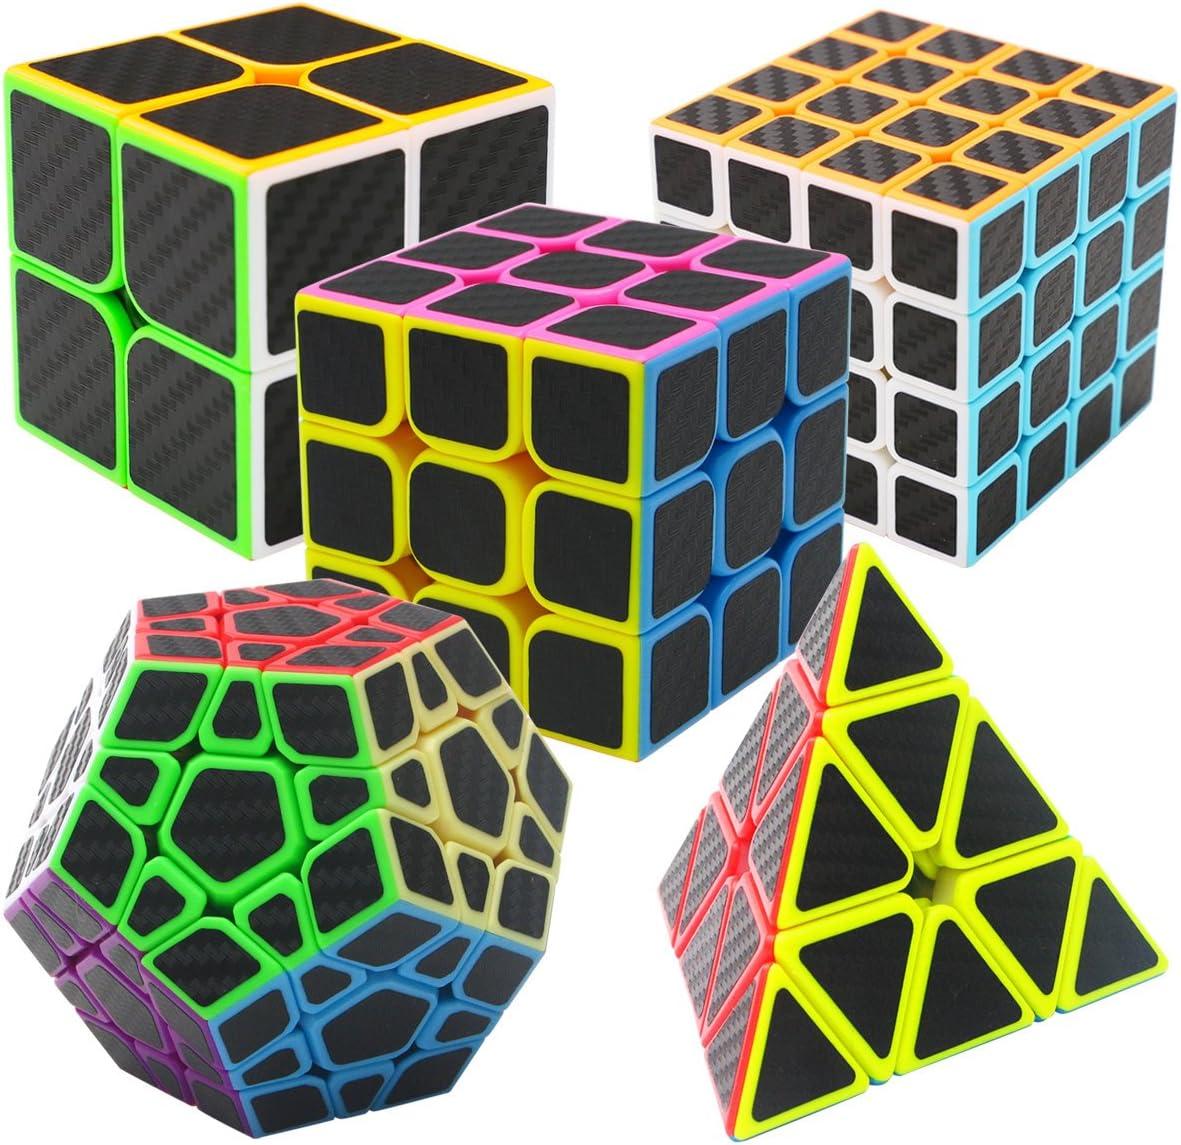 Coolzon Puzzle Cubes Megaminx + Pyraminx + 2x2x2 + 3x3x3 + 4x4x4 5 Pack in Giftbox Cubo Magico con Pegatina de Fibra de Carbono Velocidad